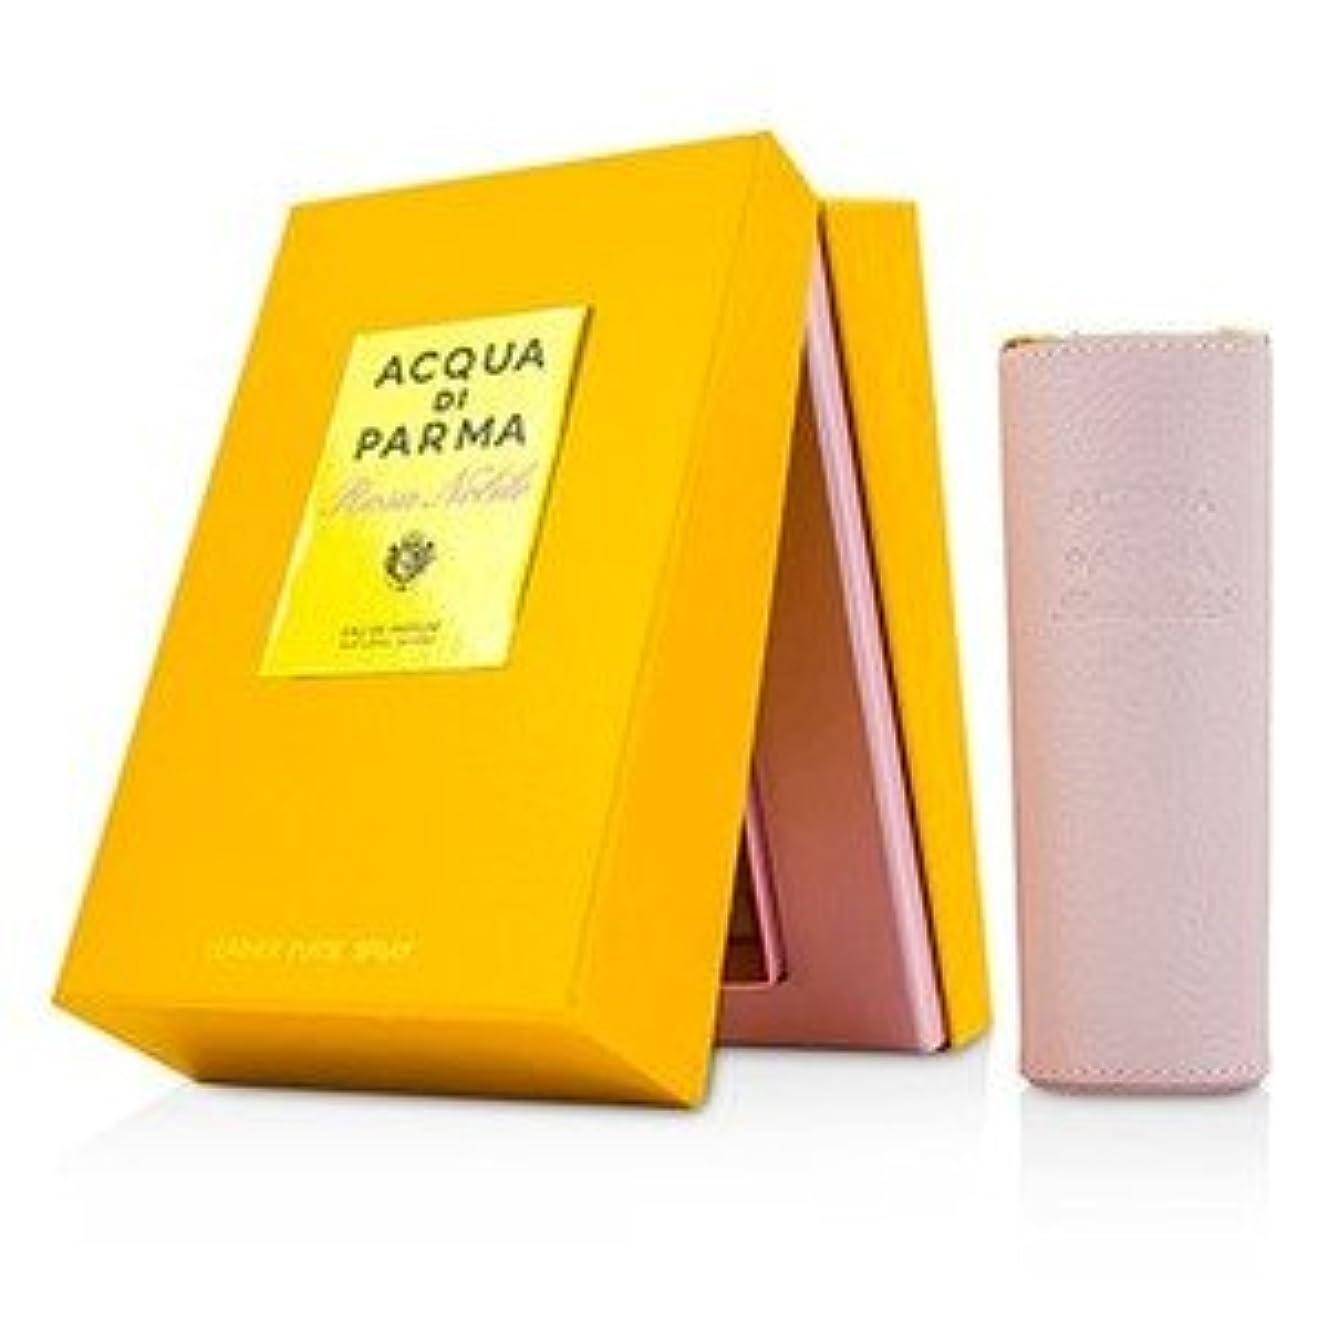 スパーク相互成人期アクア ディ パルマ[Acqua Di Parma] ローズ ノービレ レザー パース スプレー オードパルファム 20ml/0.7oz [並行輸入品]